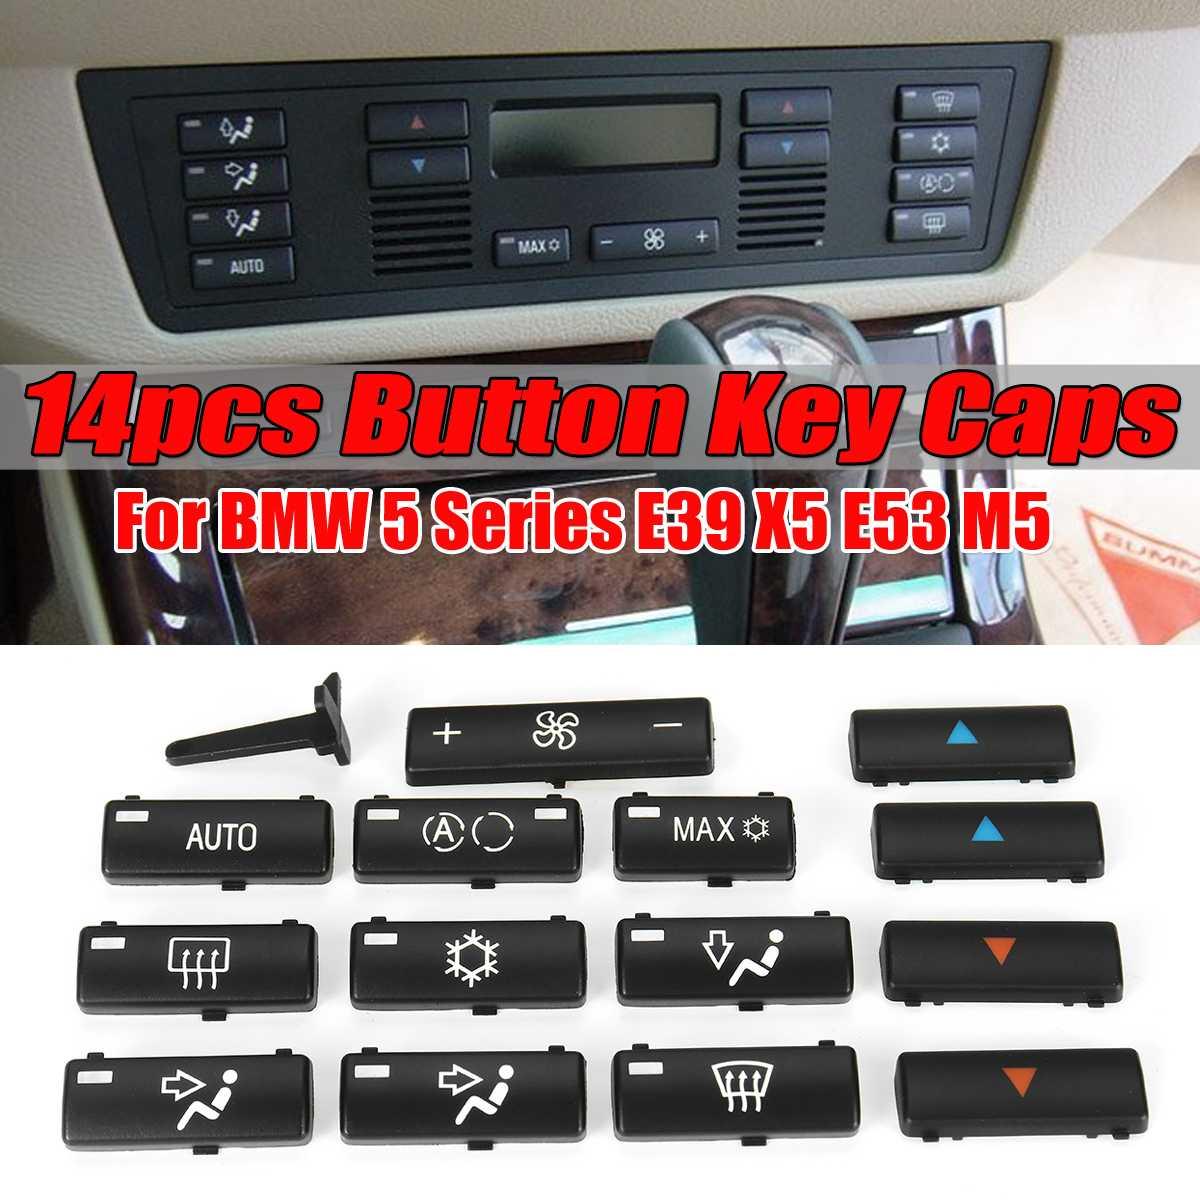 14 tasto di Chiave Caps Sostituzione Clima A/C Pannello di Controllo Interruttore di Controllo Bottoni Tappi di Copertura Per BMW E39 E53 525i 530i 540i M5 X5